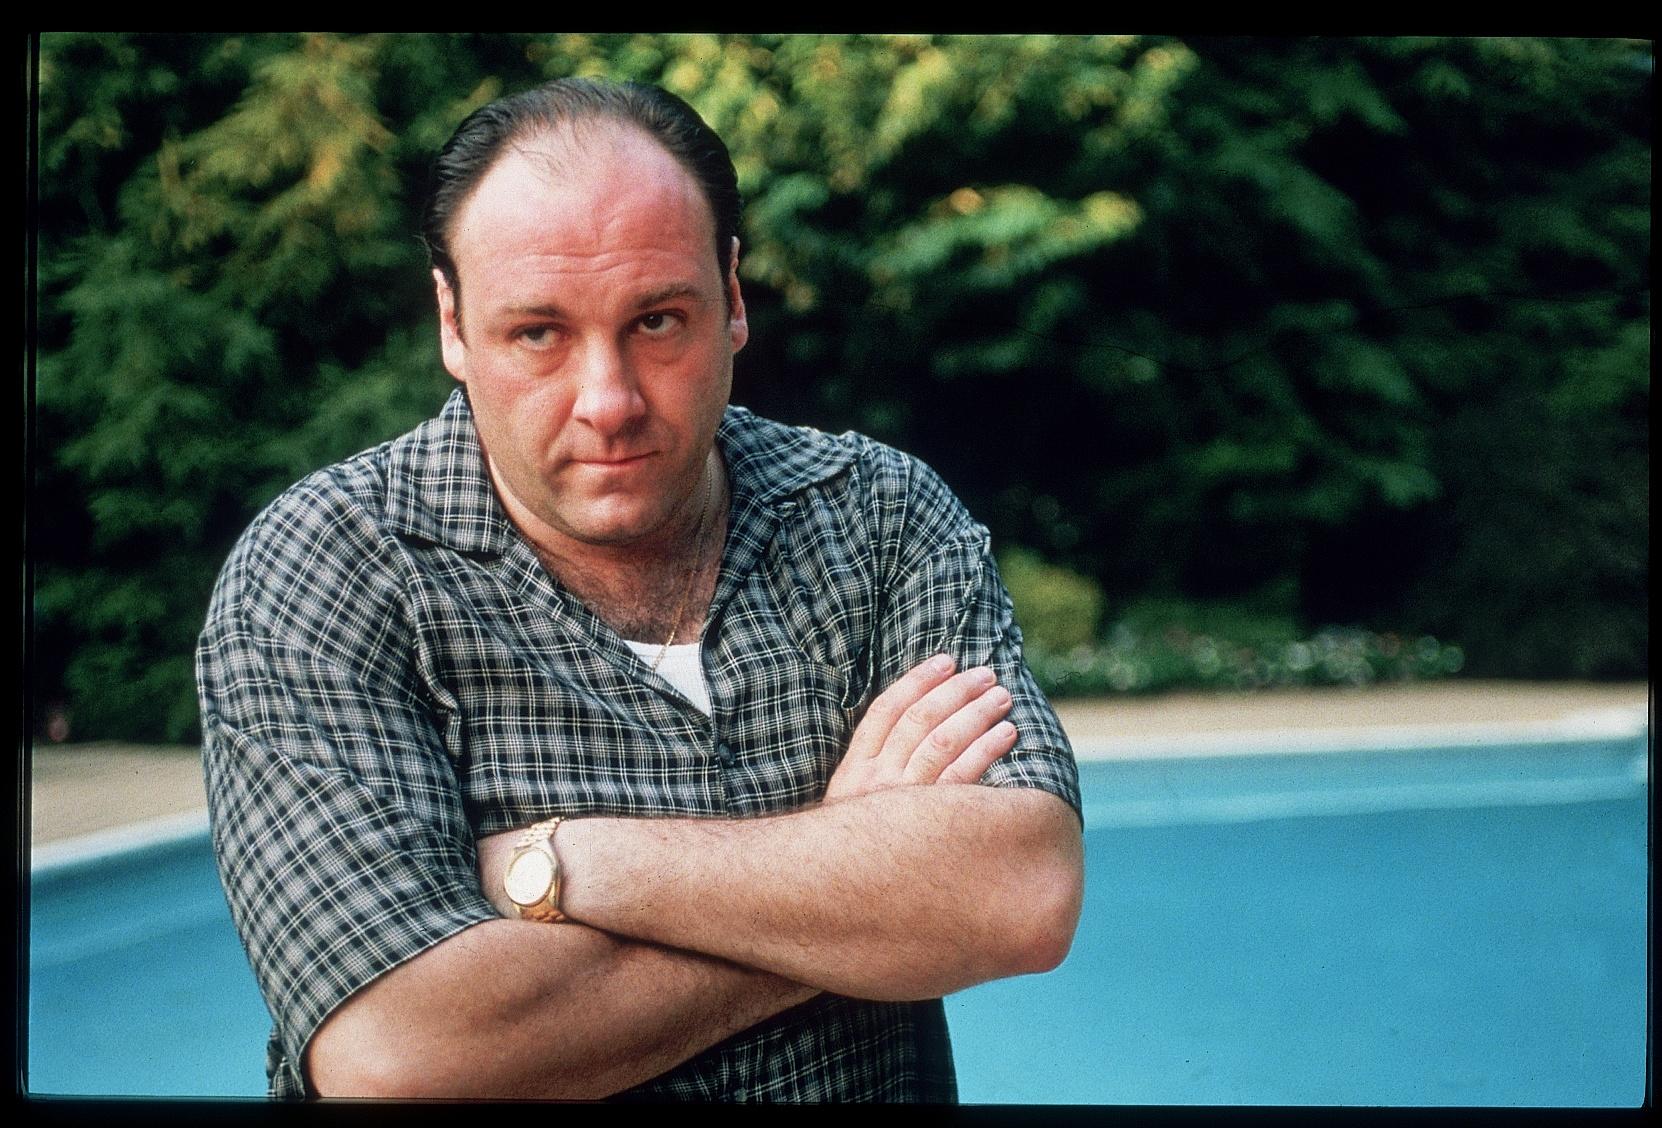 Actor James Gandolfini in scene from HBO TV drama series The Sopranos.